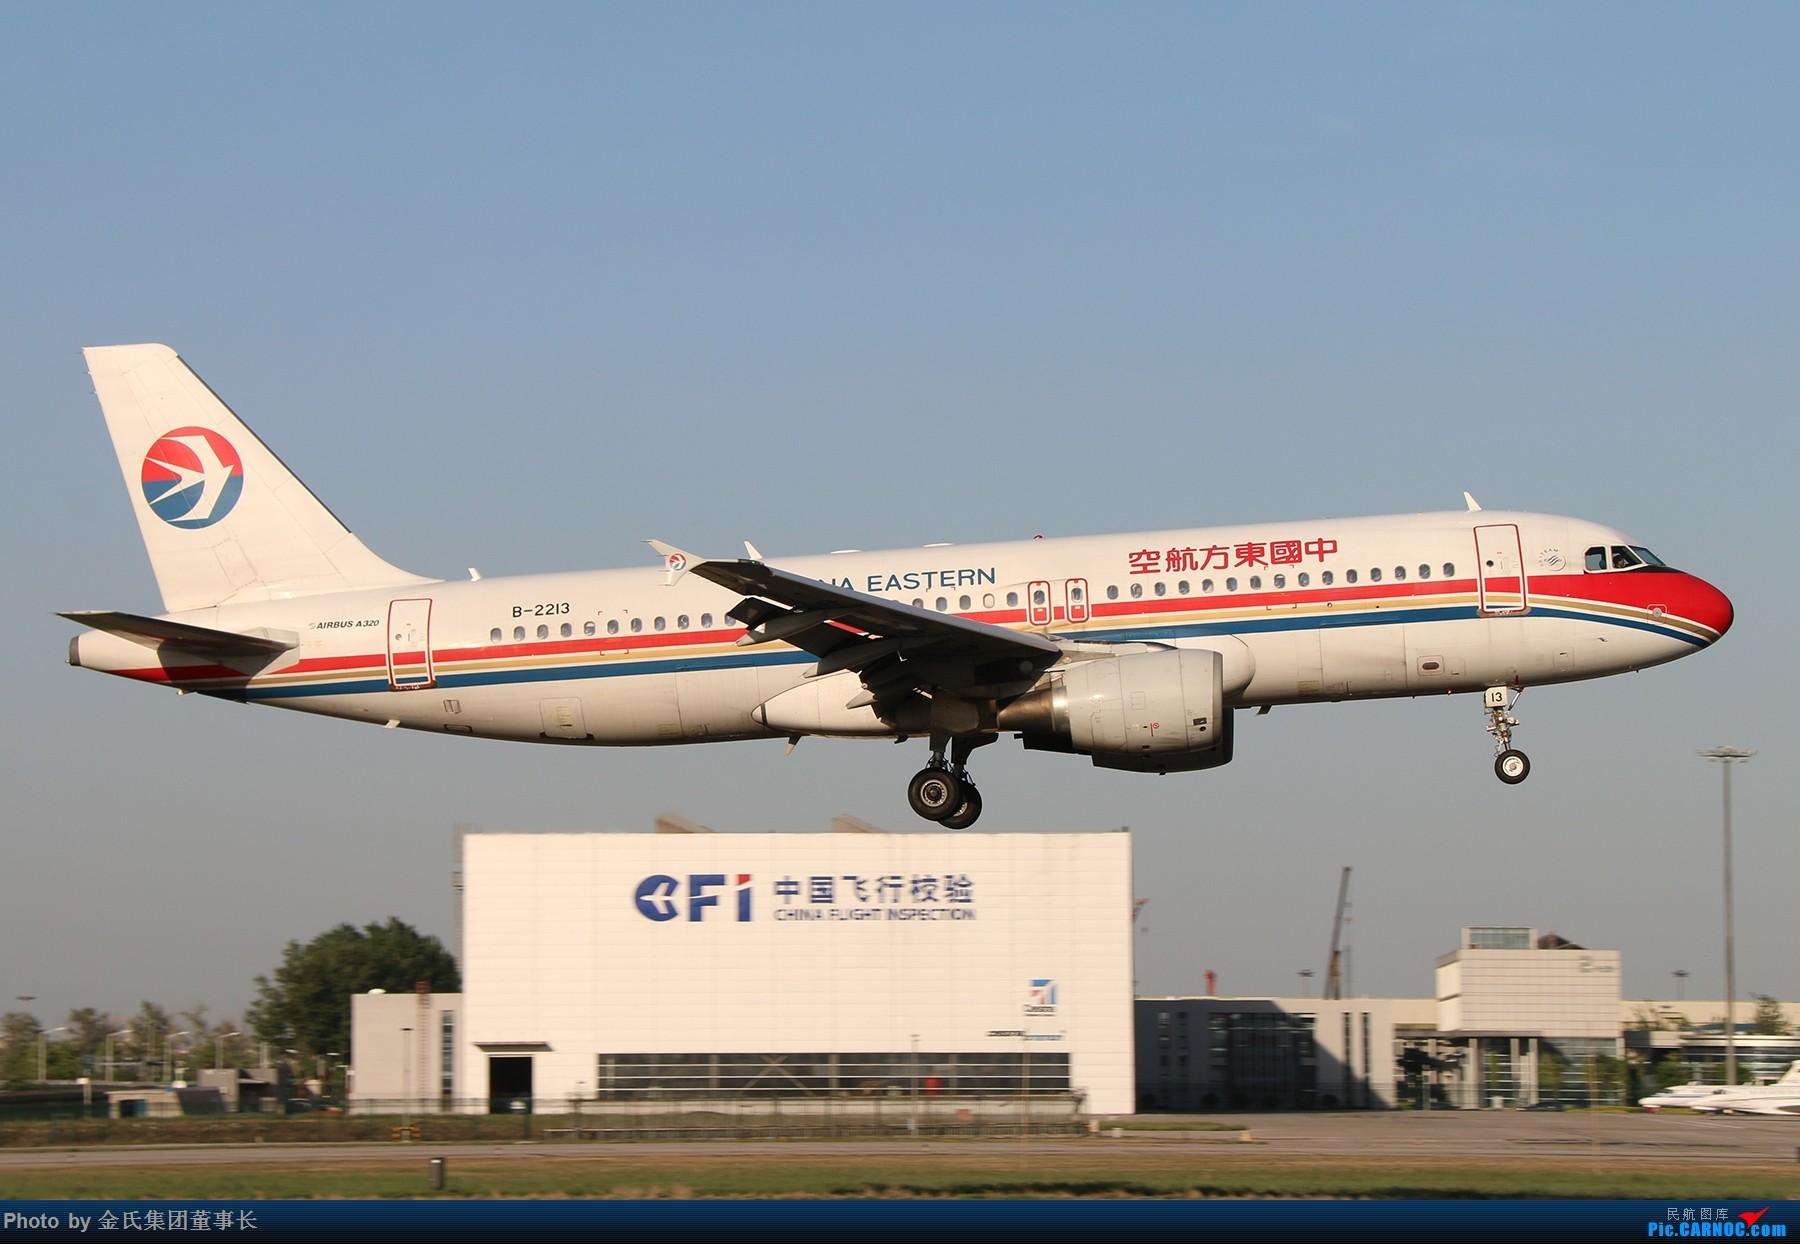 Re:[原创]【董事长】PEK-东航-汇总 AIRBUS A320-200 B-2213 中国北京首都国际机场